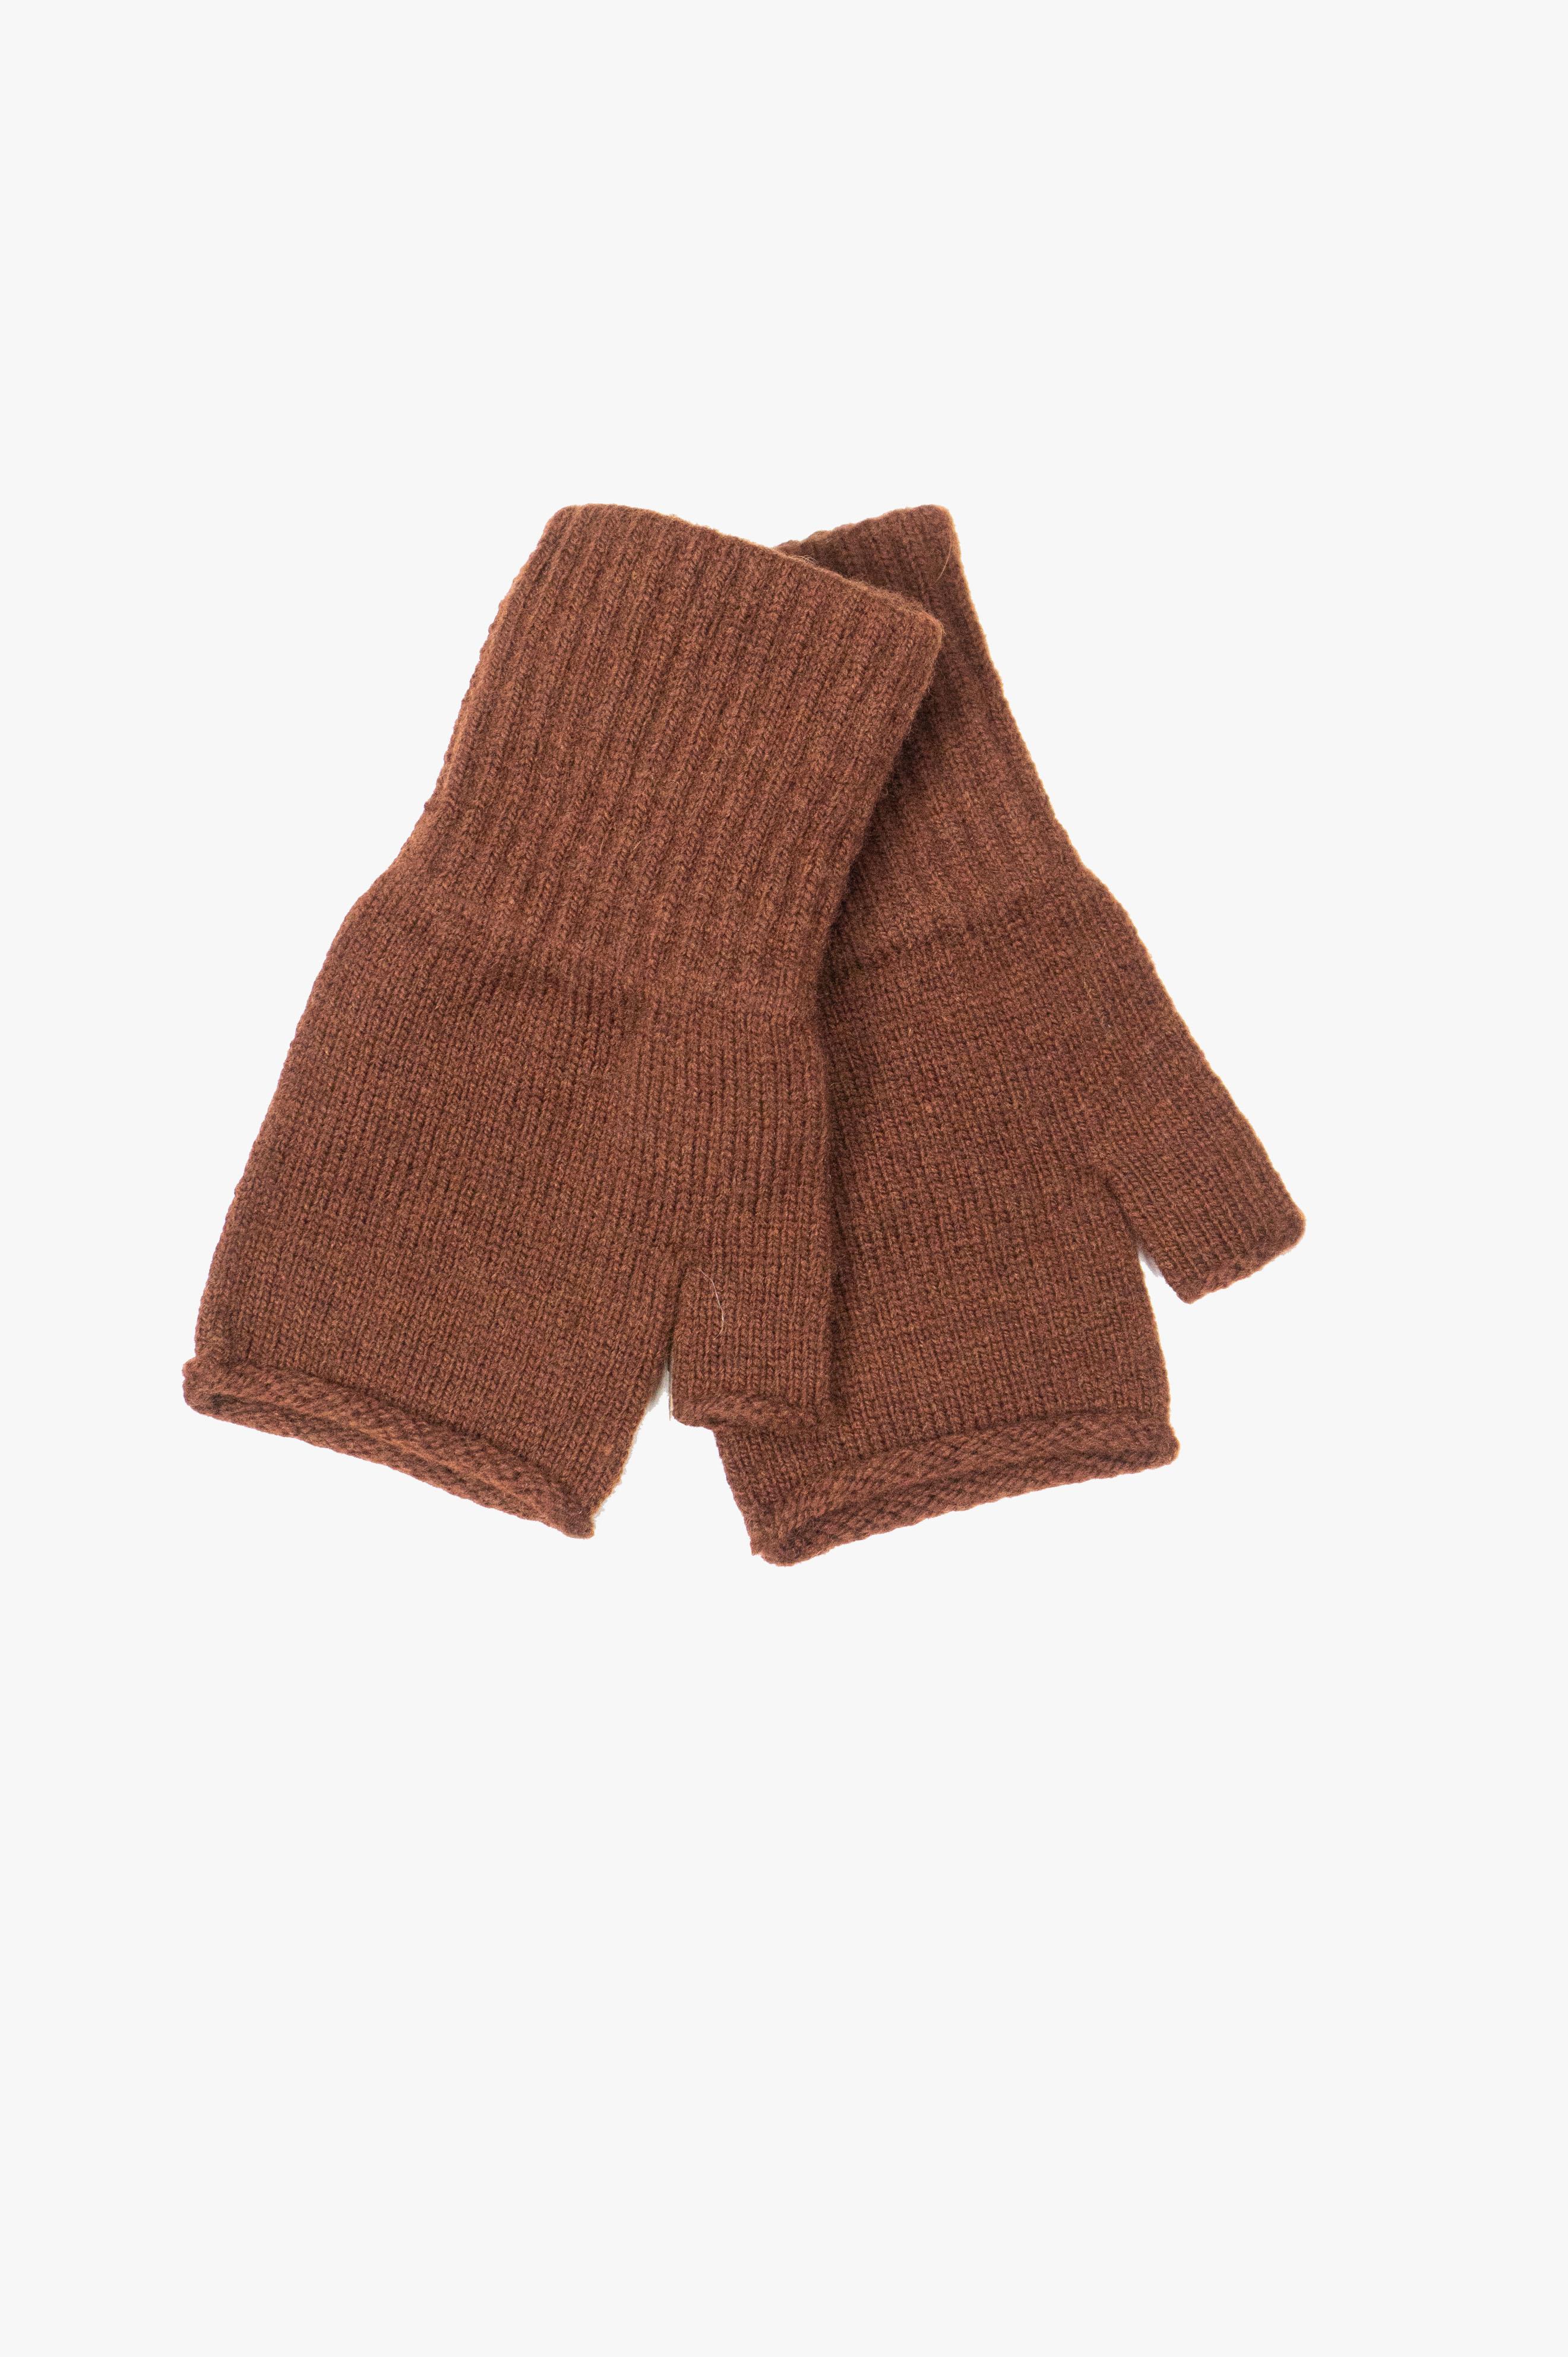 Rolled Edge Fingerless Glove British Merino Rust Brown